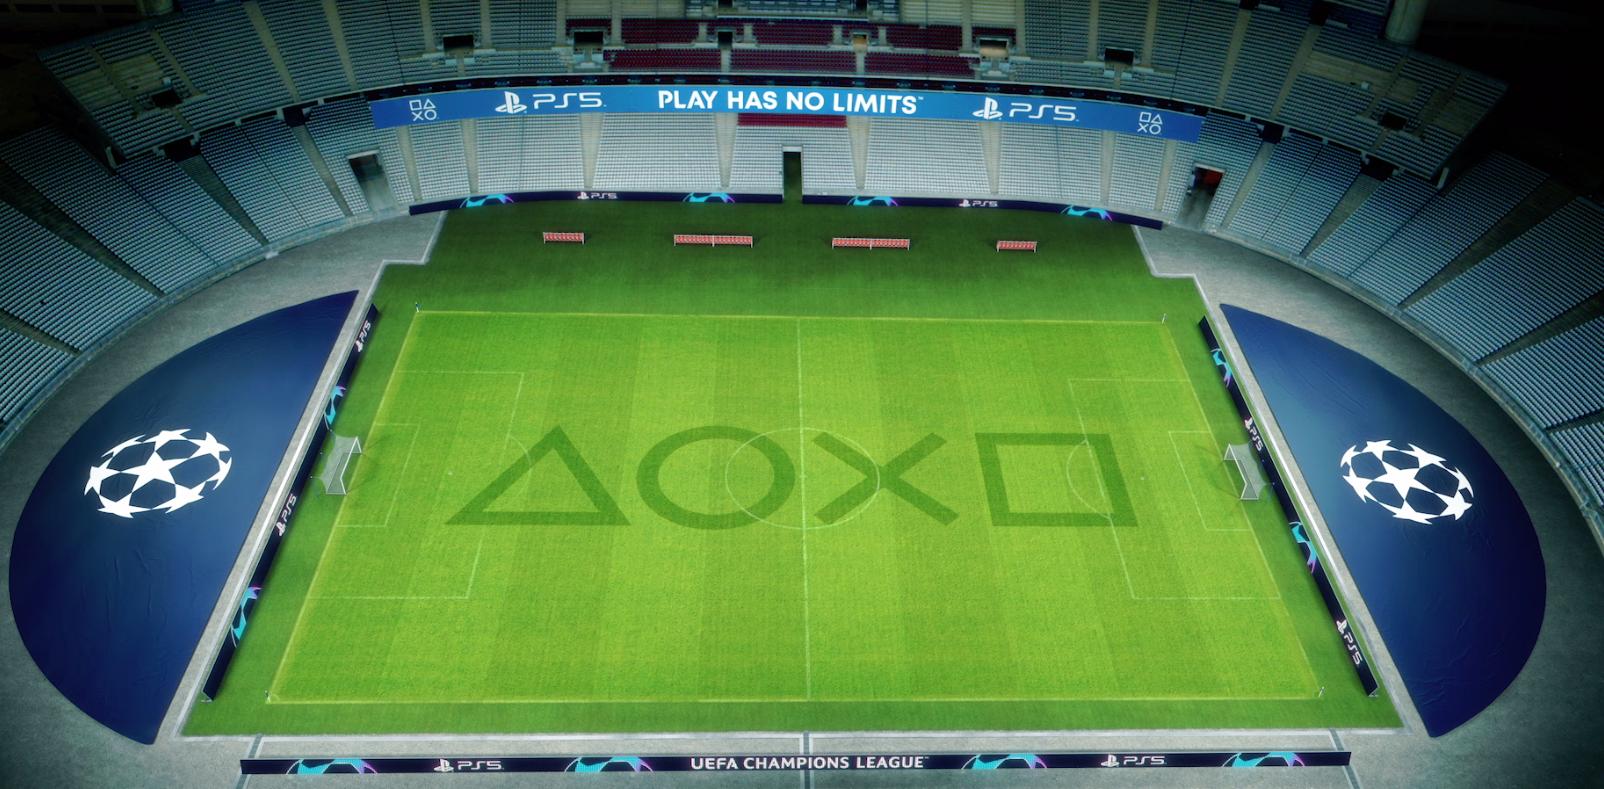 PlayStation & UEFA - Lights On.png